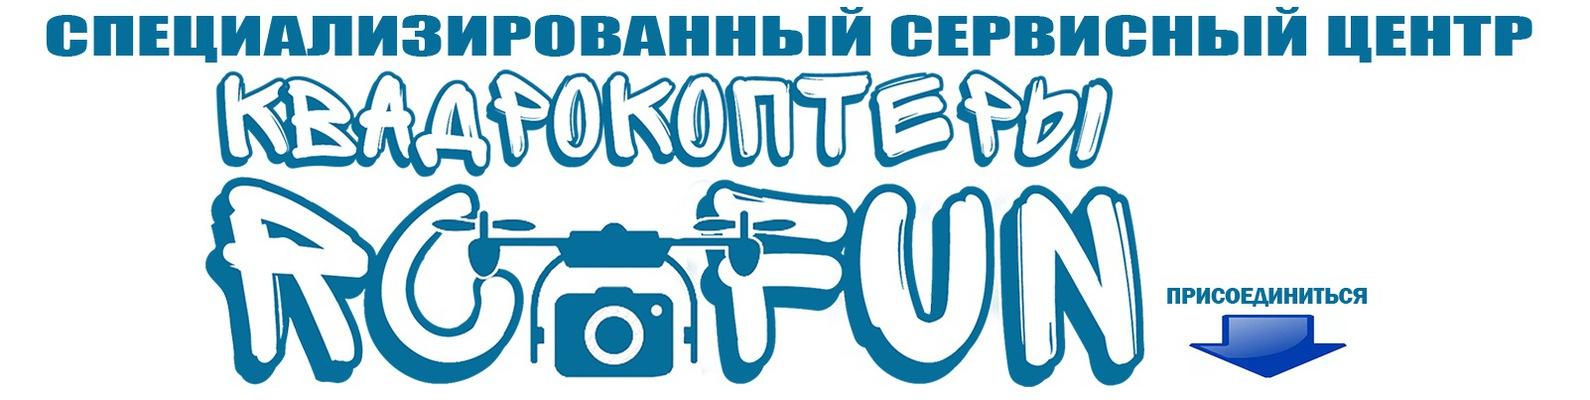 Мавик эйр прошивка, таблетка, снятие ограничений купить mavic air за копейки в смоленск